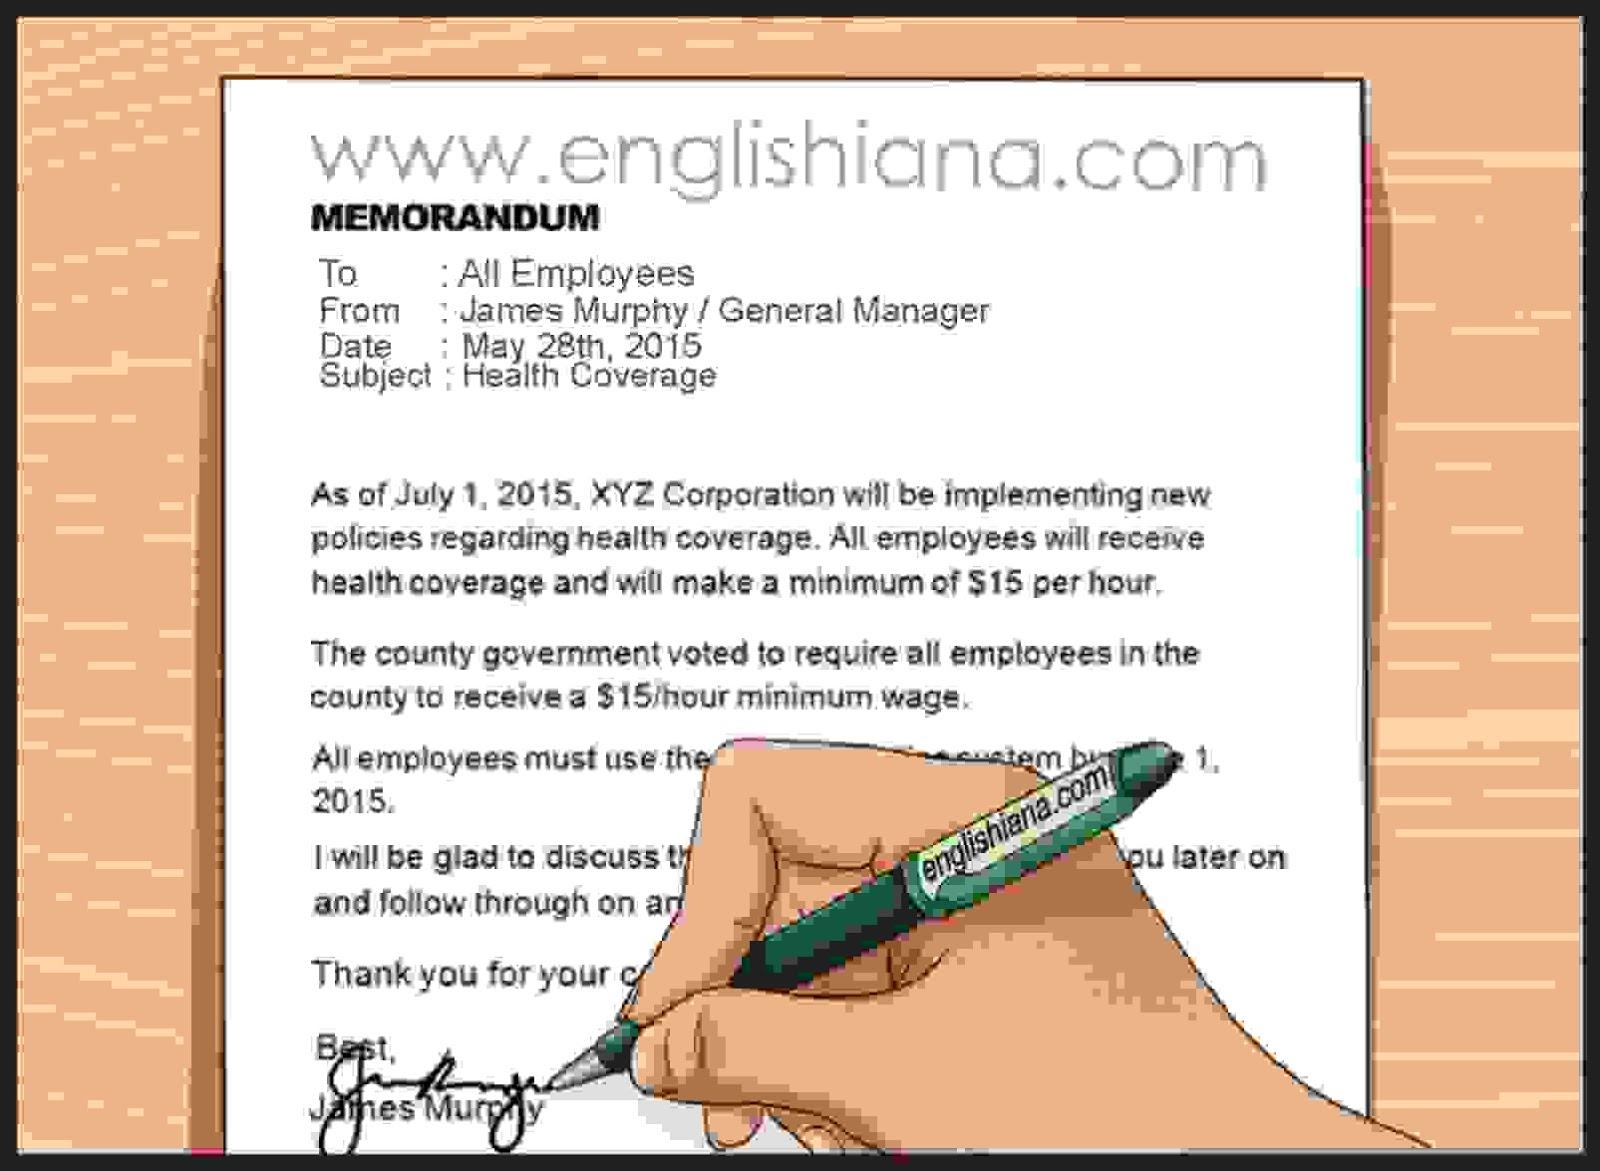 15 Contoh Memo Dalam Bahasa Inggris Beserta Artinya Belajar Bahasa Inggris Online Gratis Englishiana